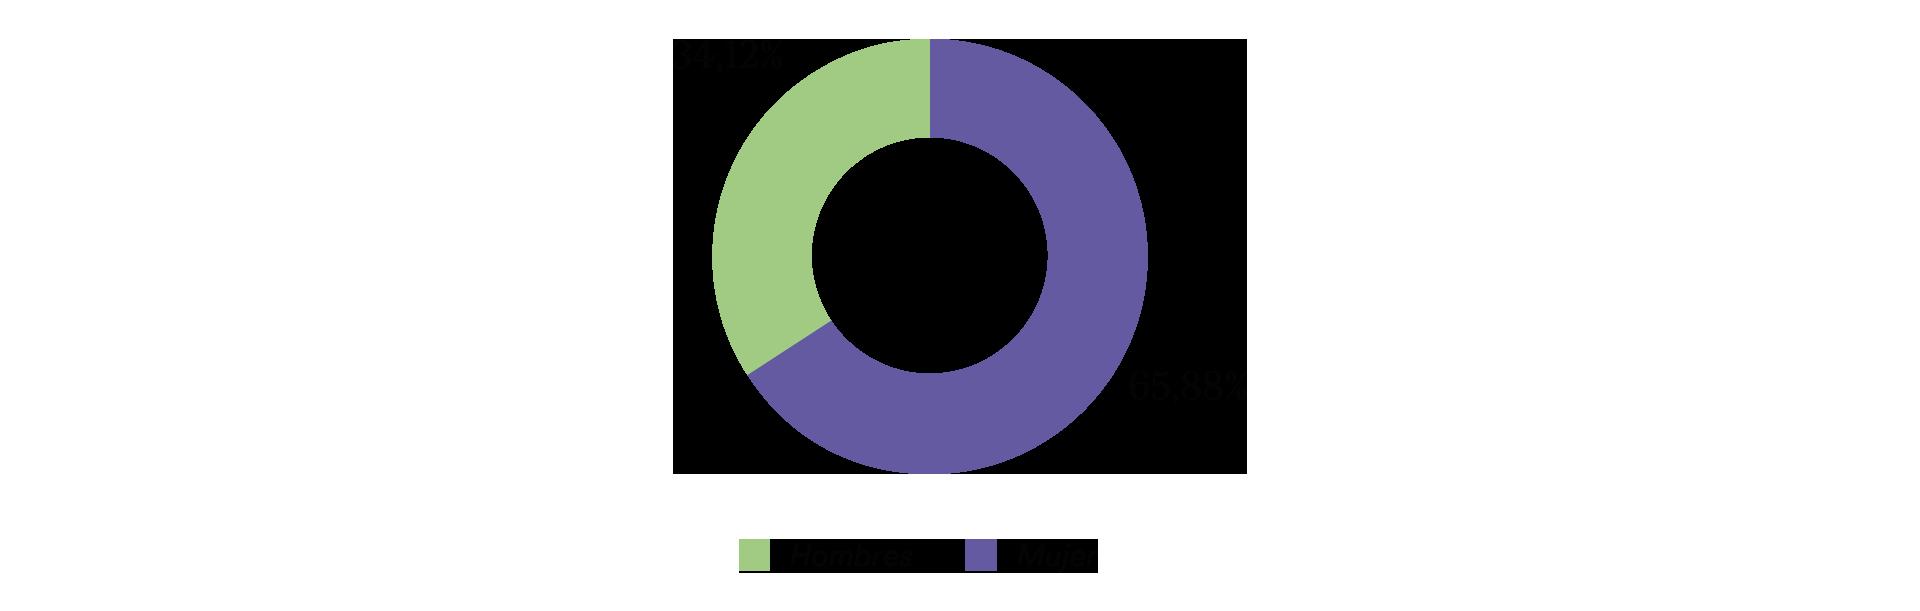 Porcentaje de beneficiarios de las pensiones no contributivas en función de su género